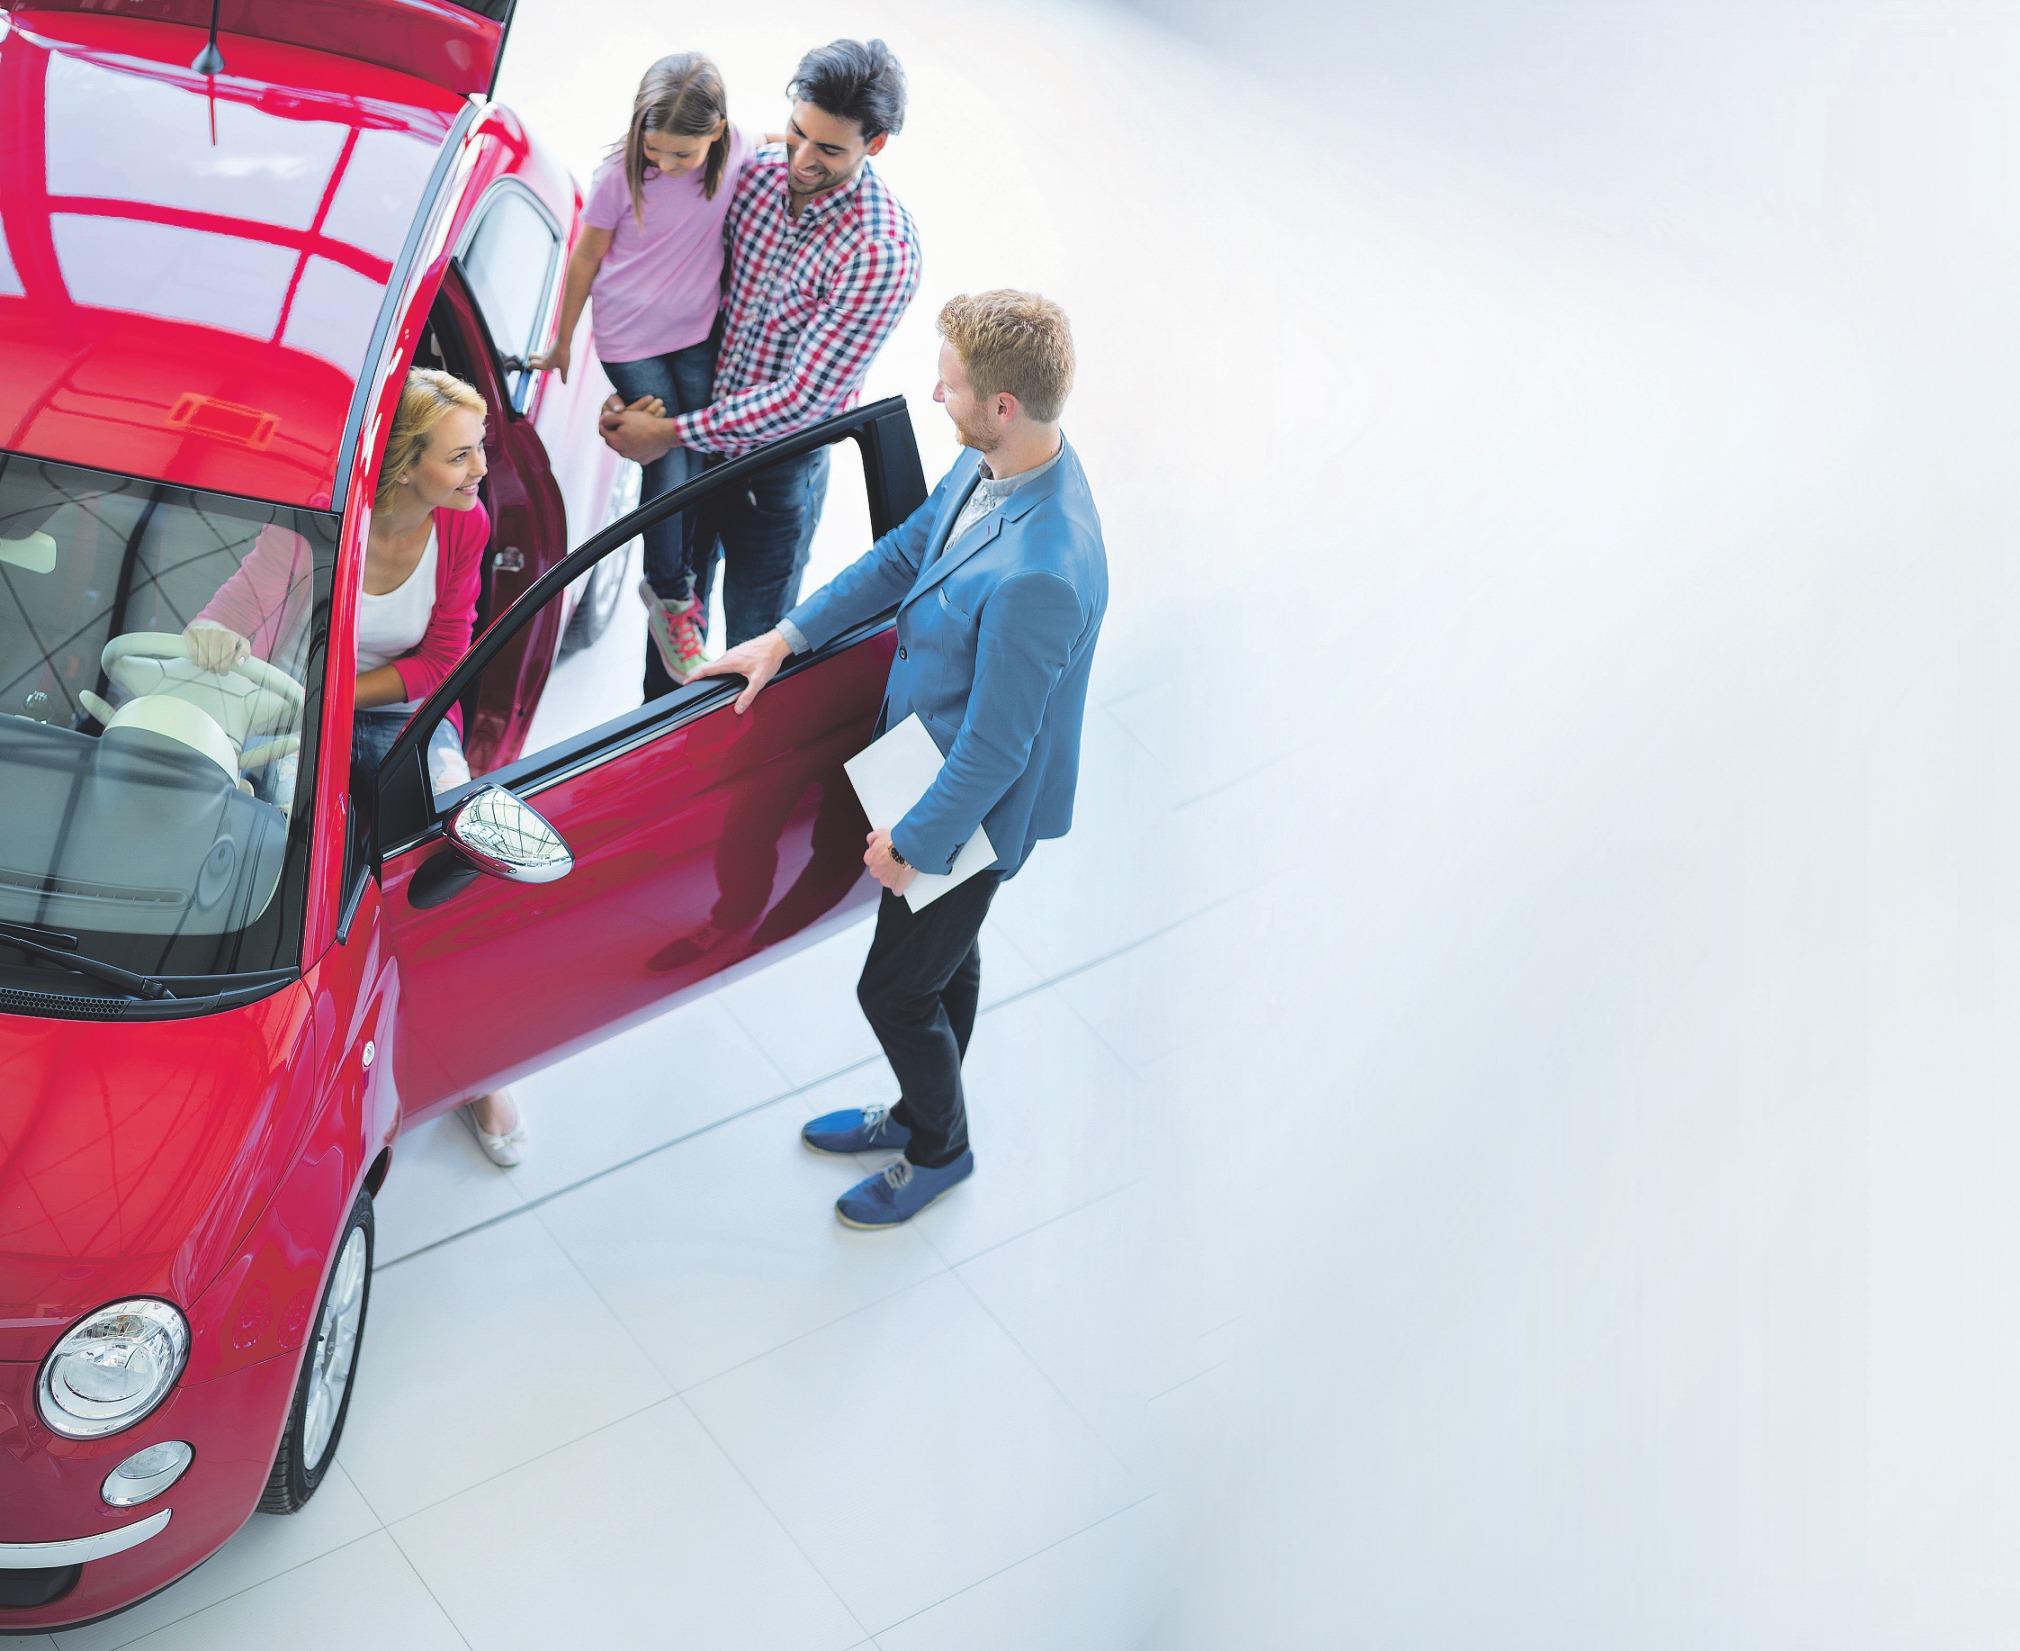 Ob im Verkauf oder in der Werkstatt – die Berufe der Automobilbranche sind sehr vielfältig.Foto: luckybusiness/stock.adobe.com